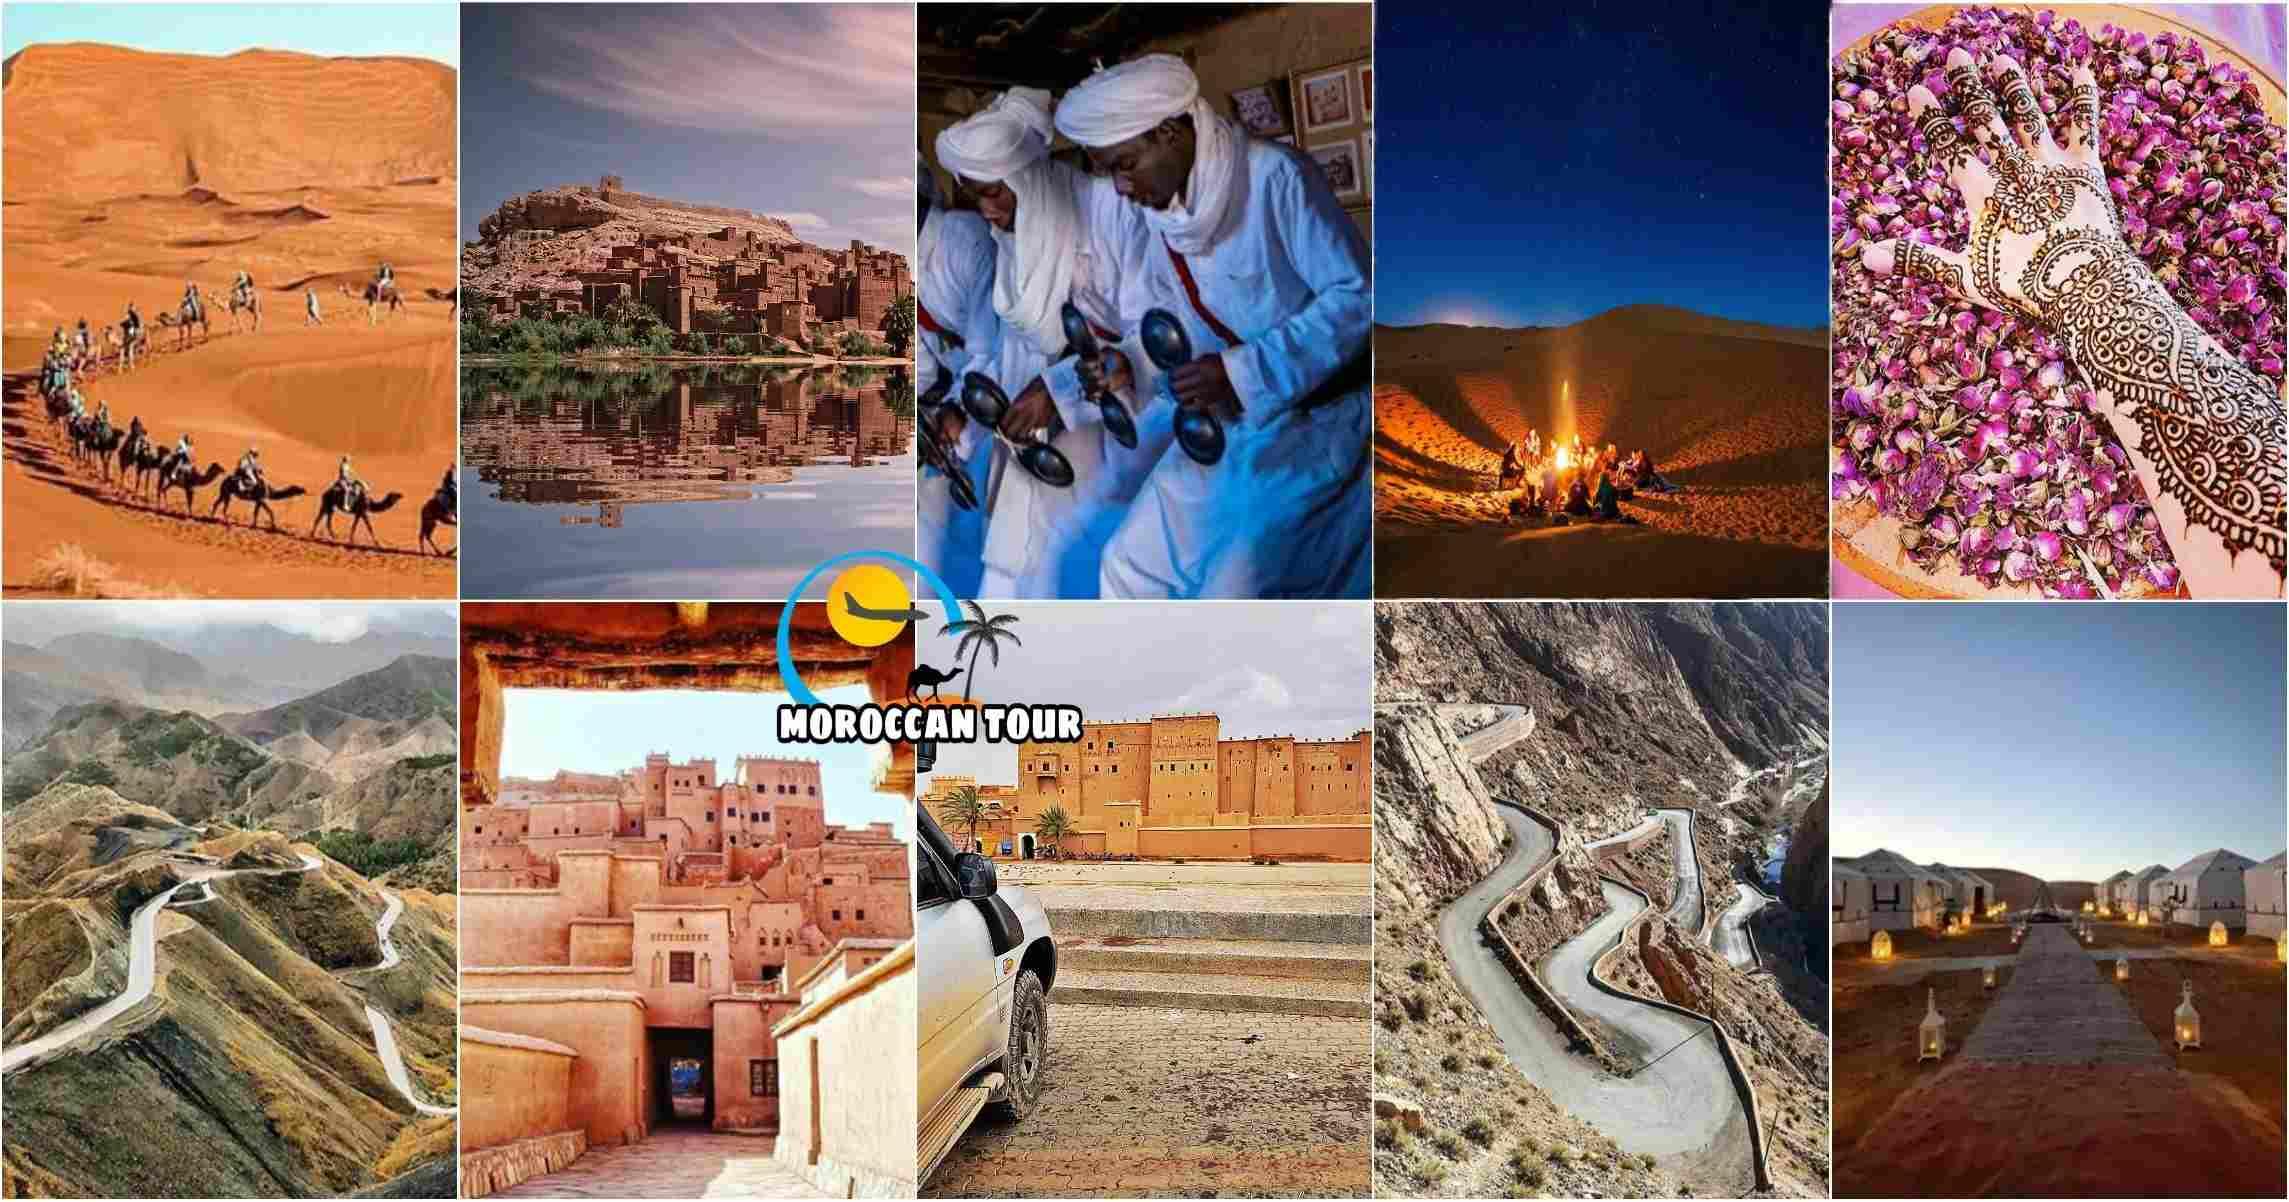 Morocco 3-day desert tour